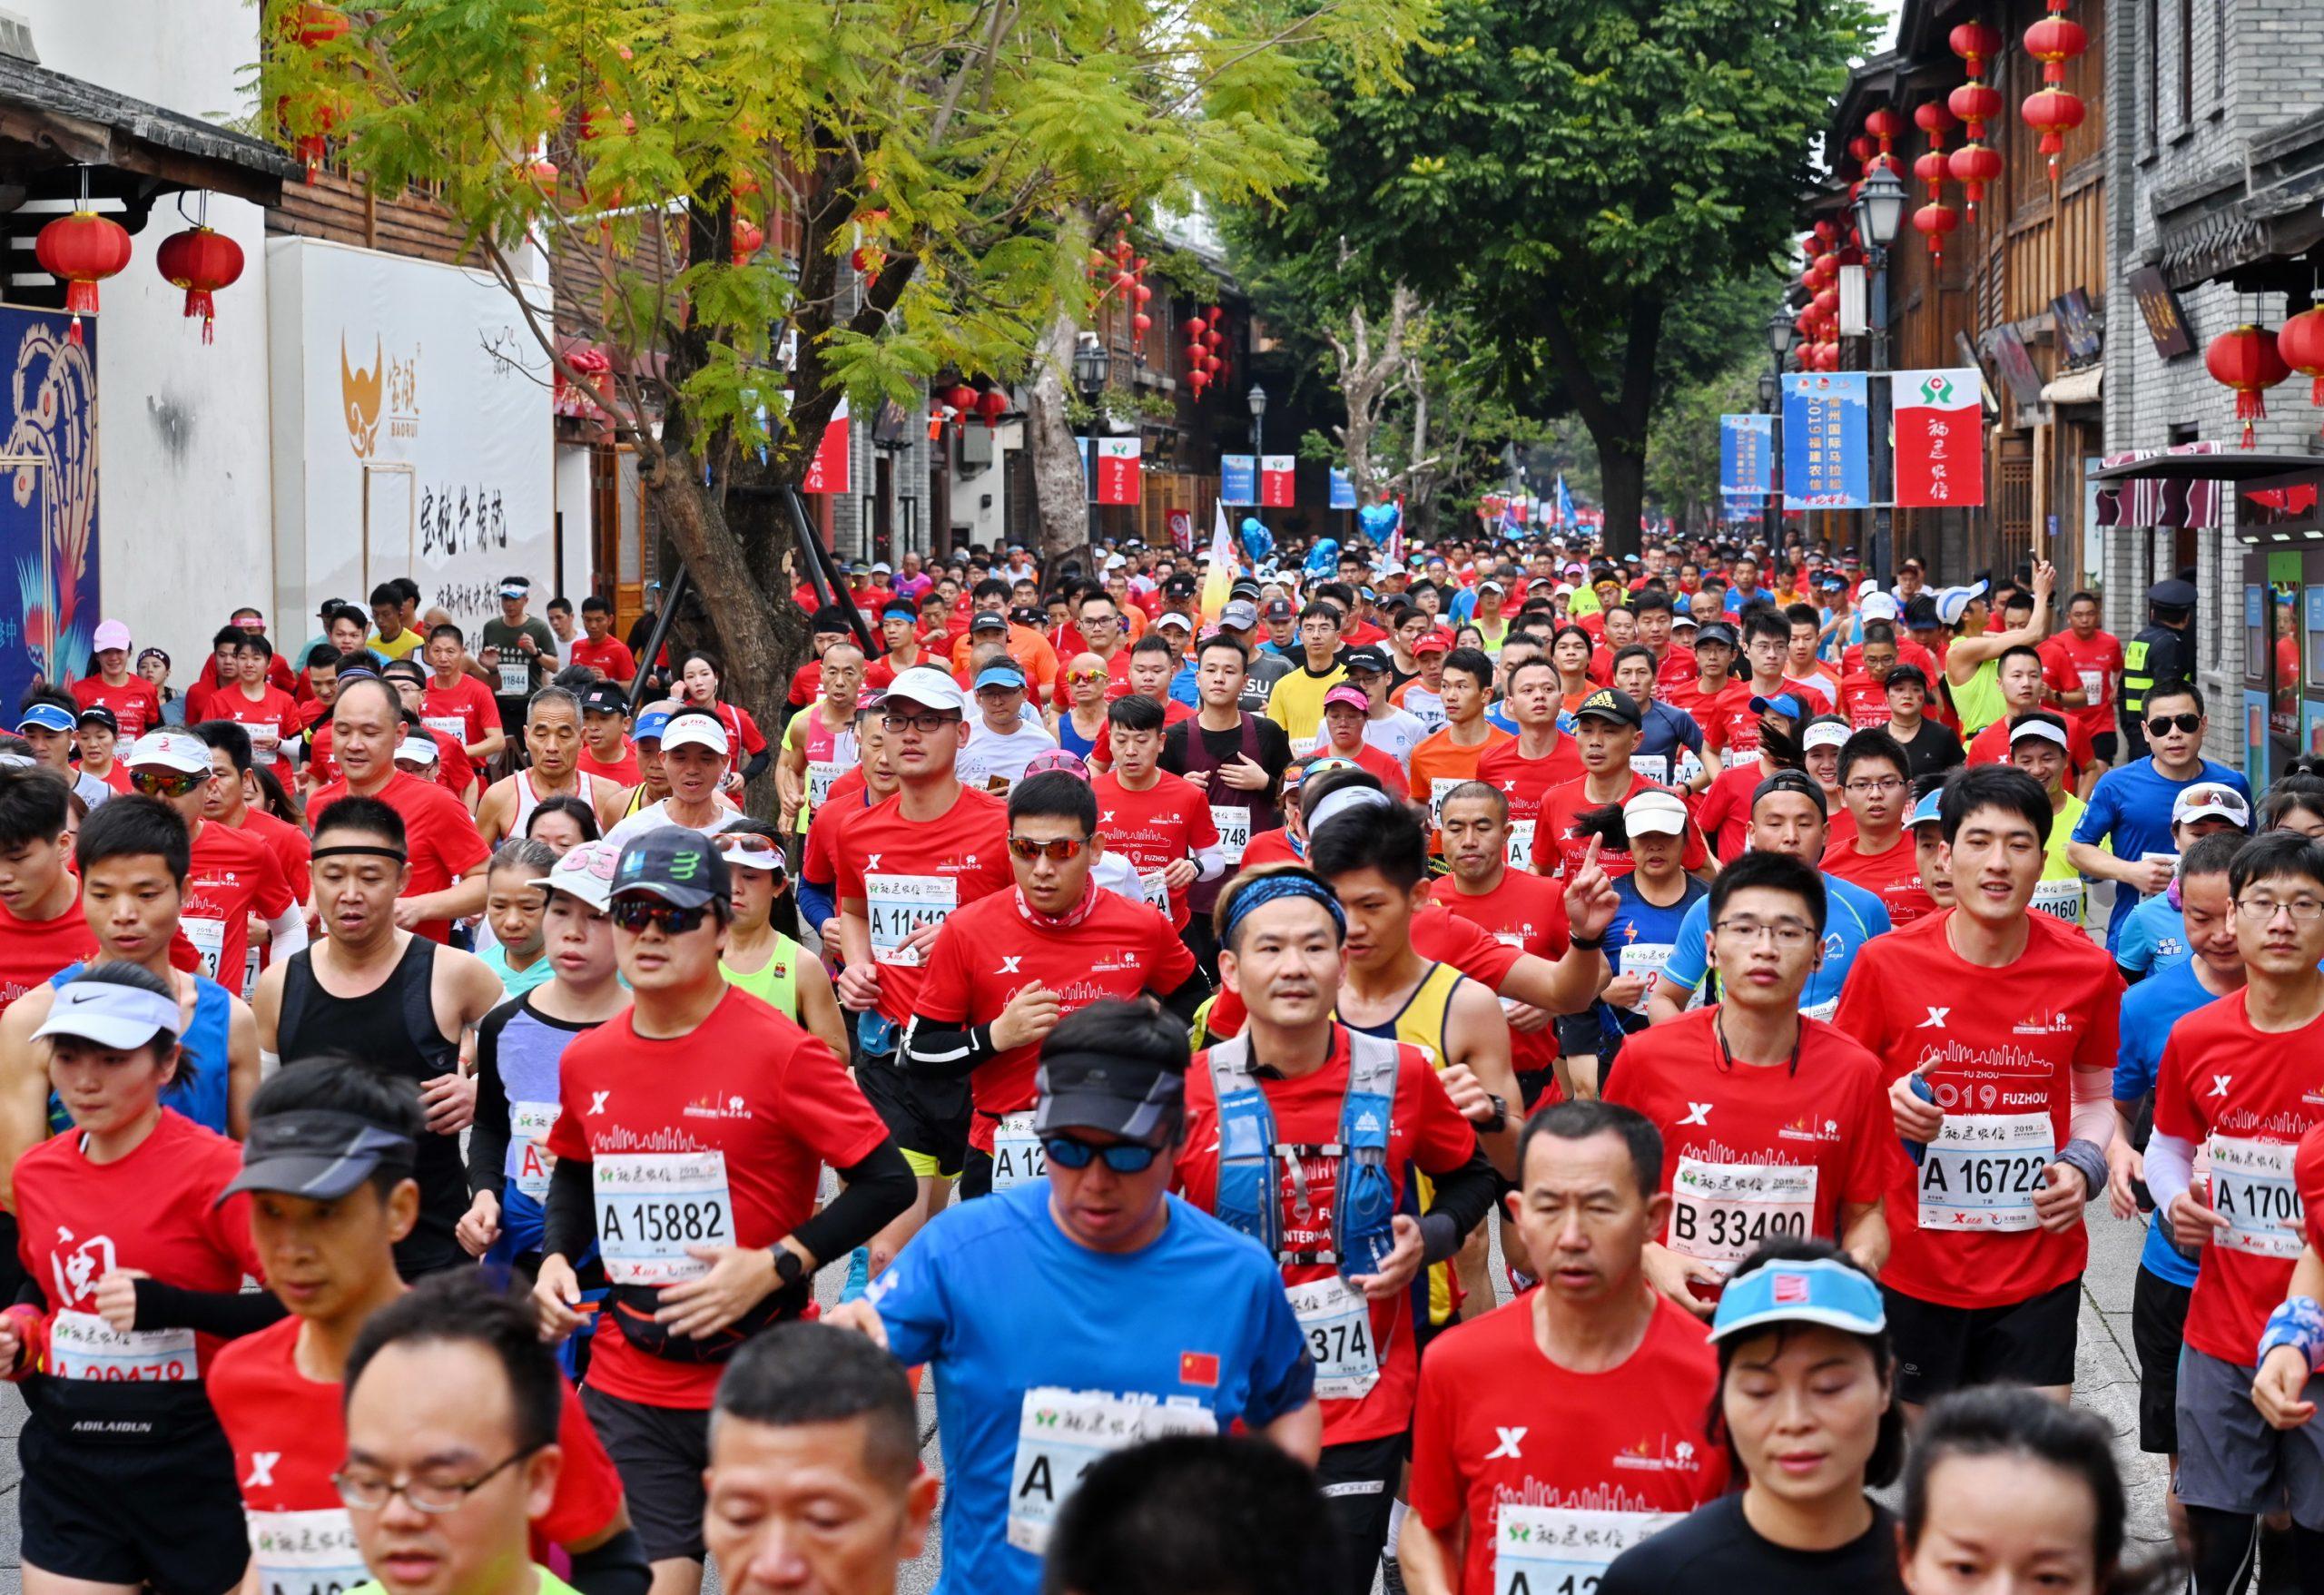 Más de 3.000 corredores participan en maratón de Shijiazhuang, China